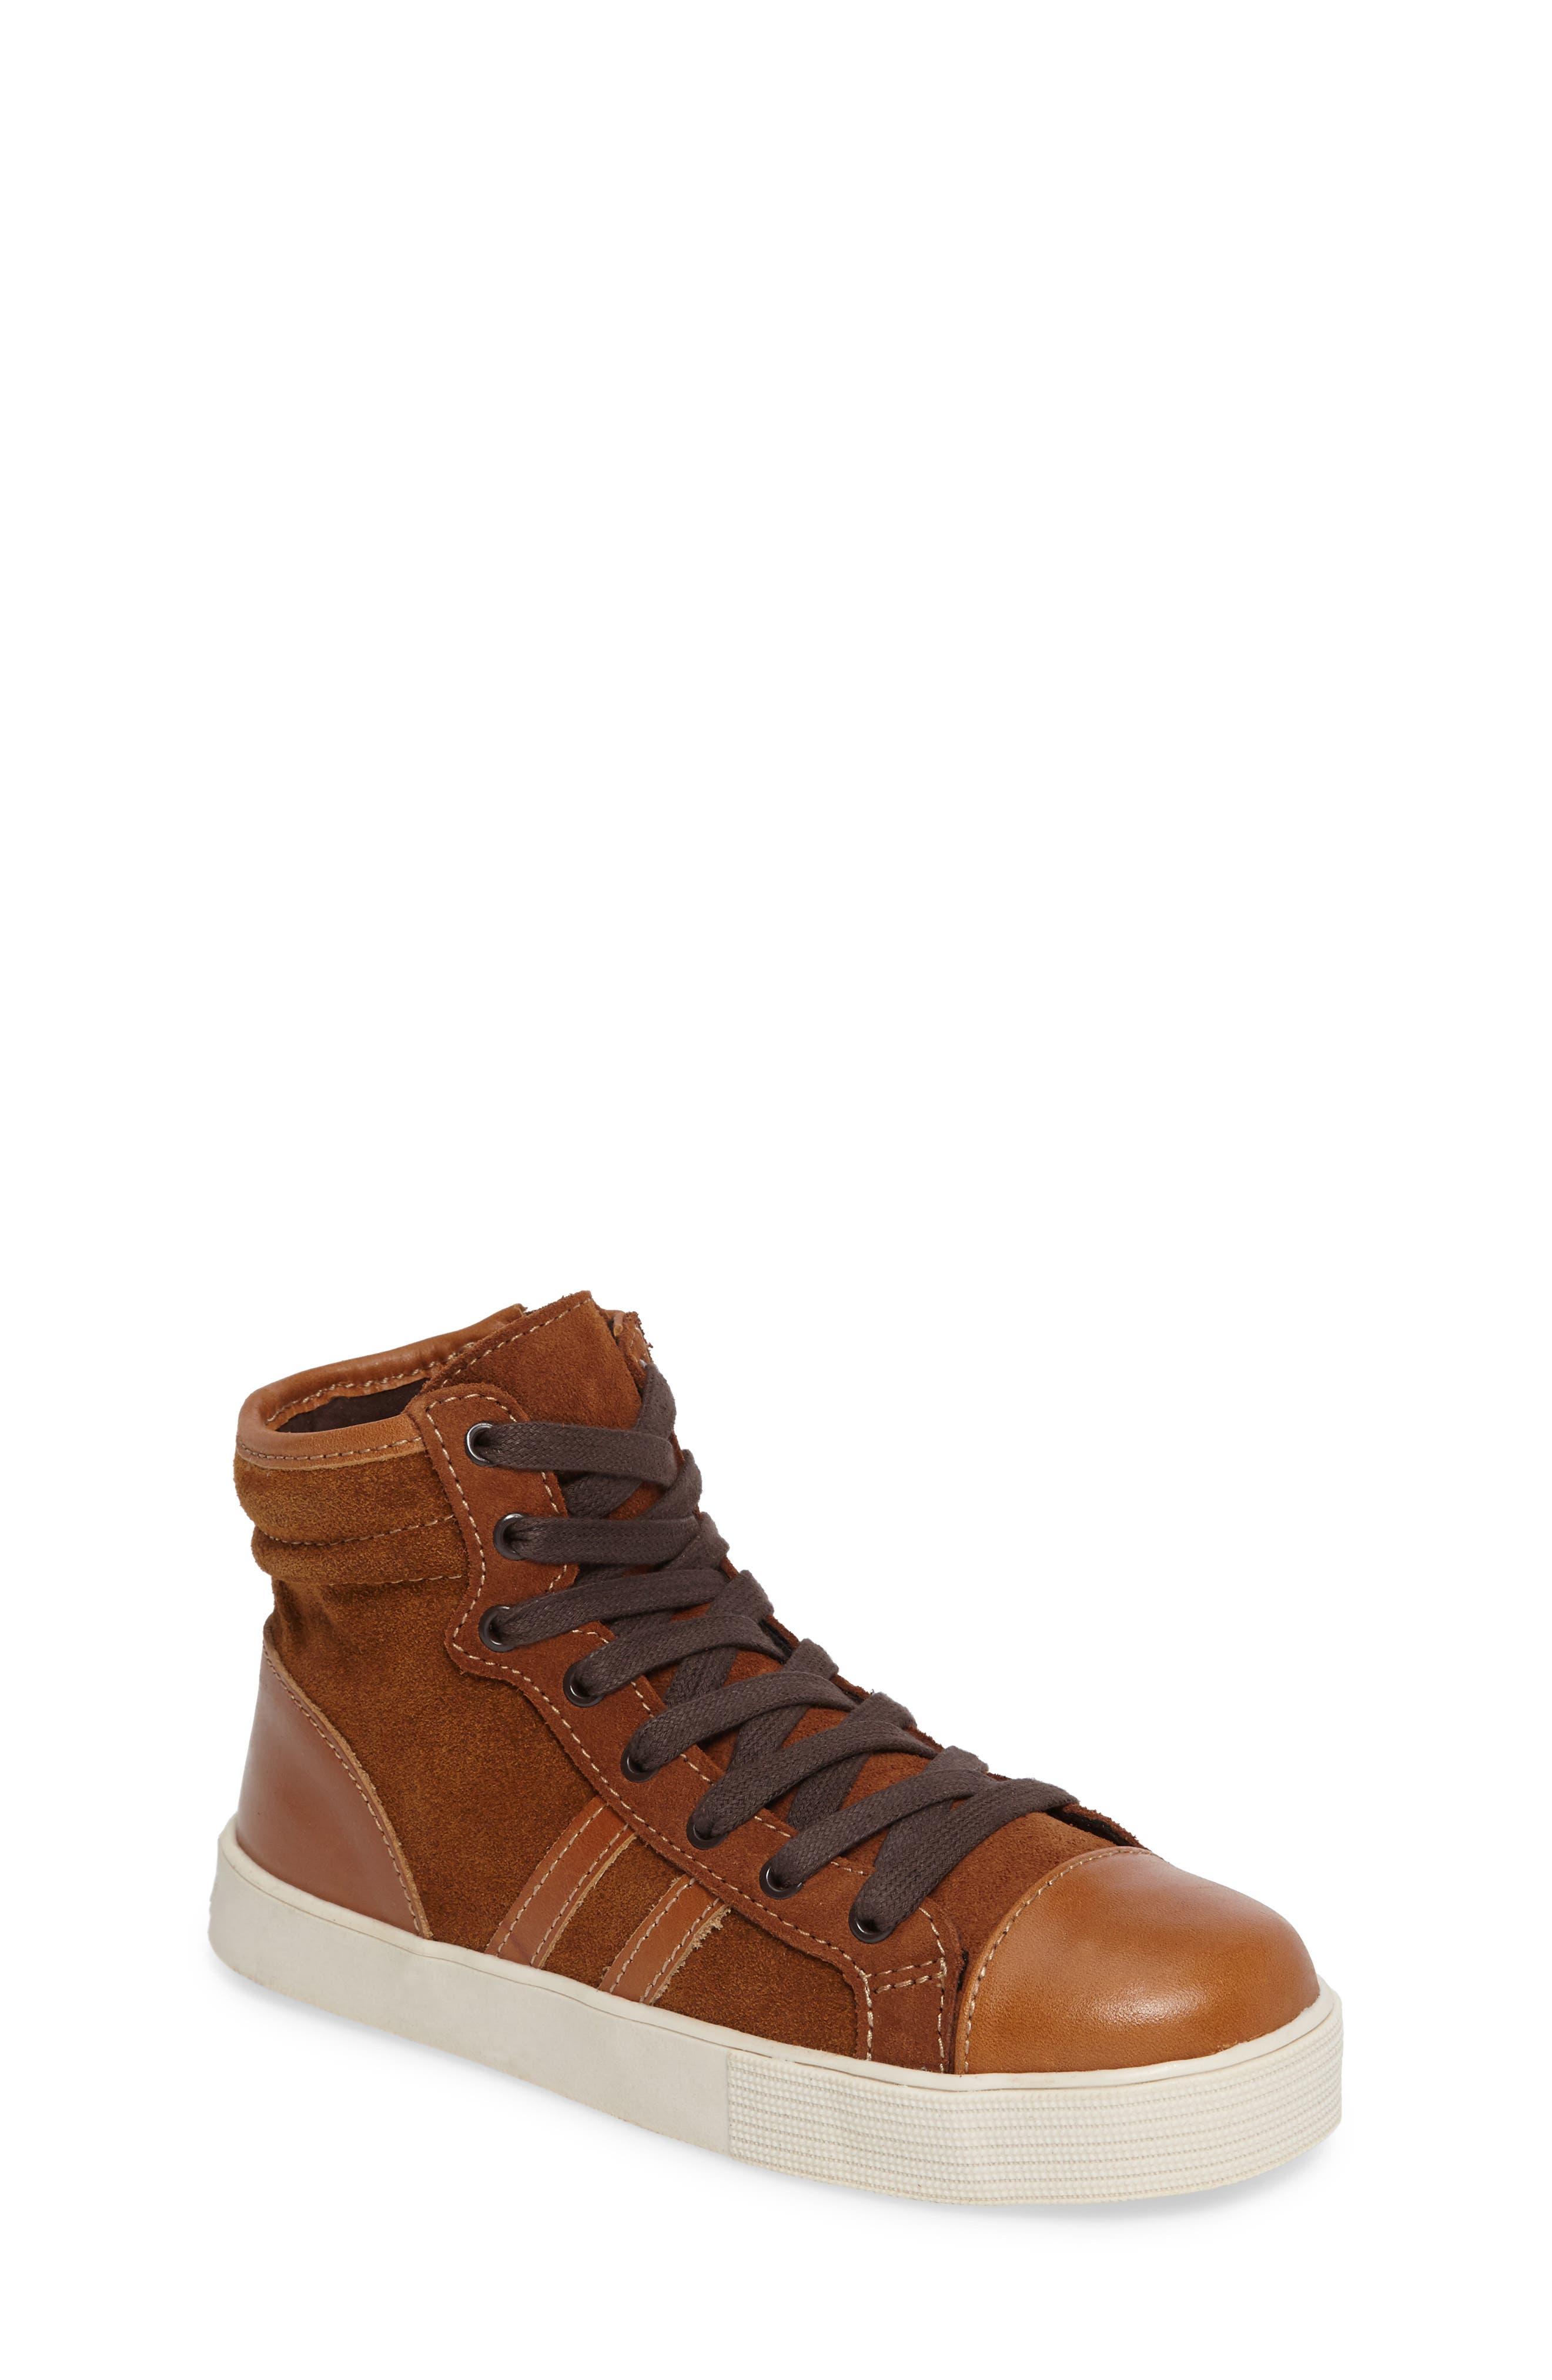 Jay Top High-Top Zip Sneaker,                         Main,                         color, 205